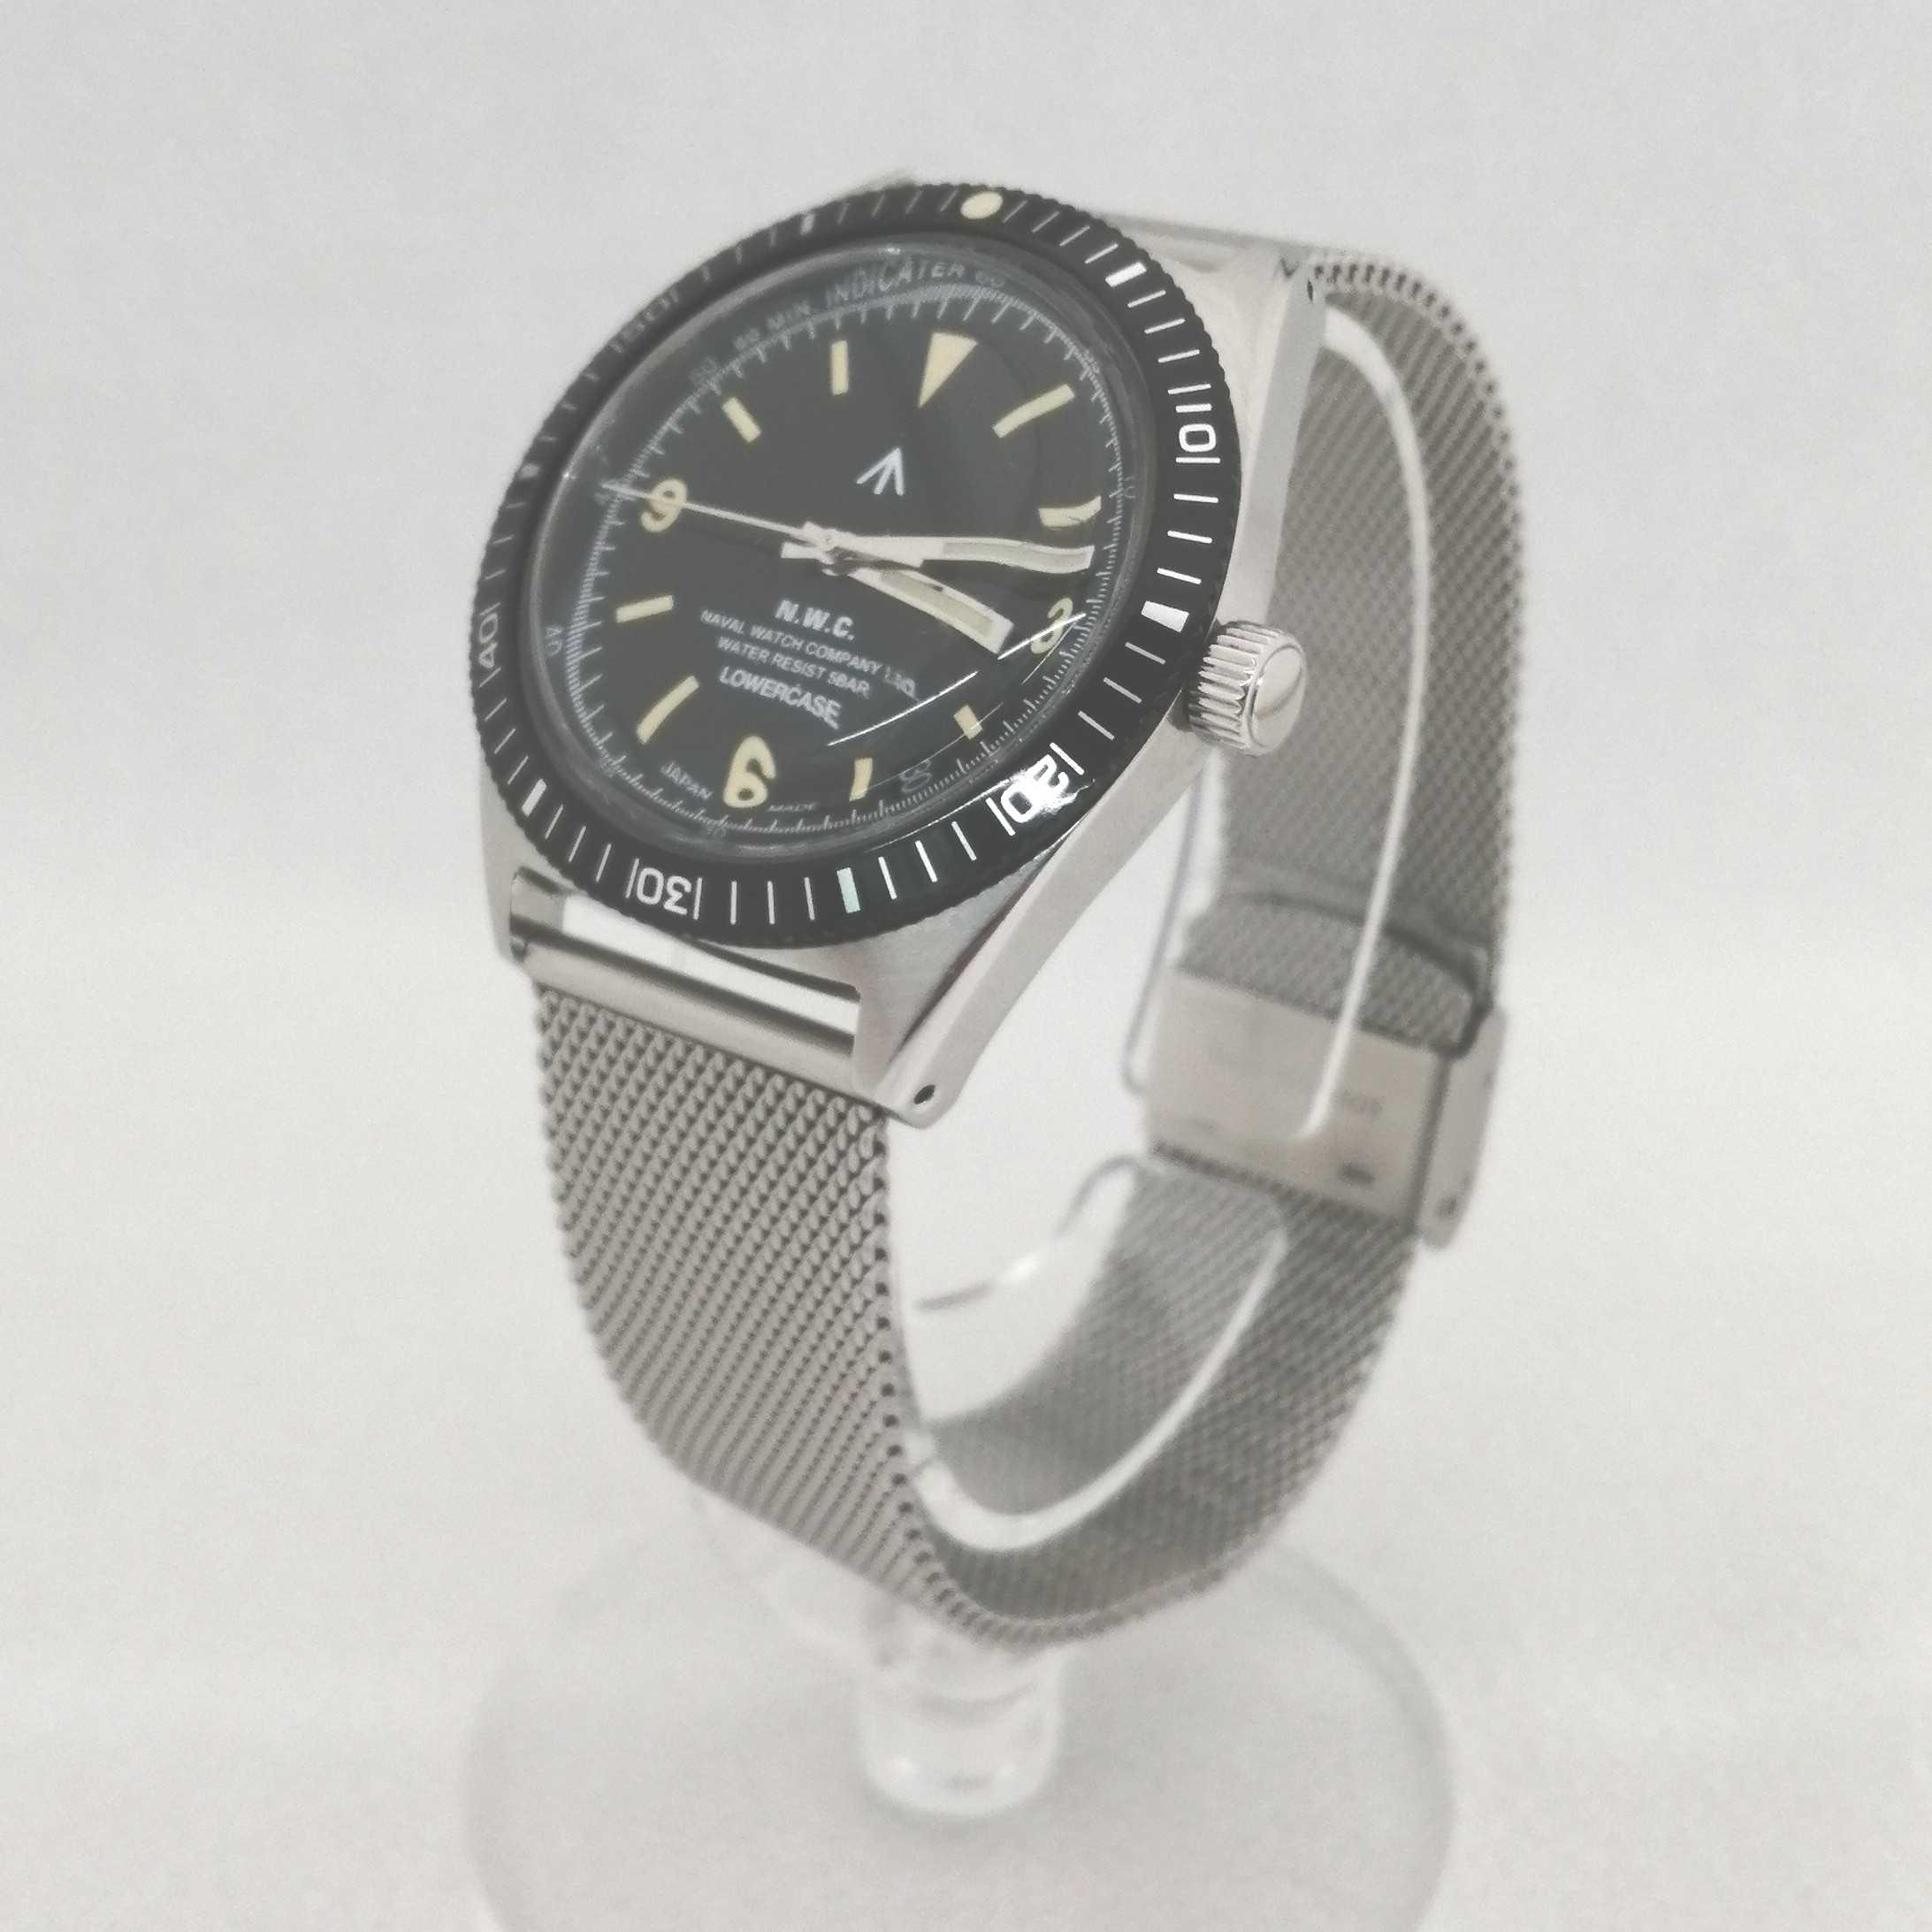 クォーツ・アナログ腕時計|NAVAL WATCH